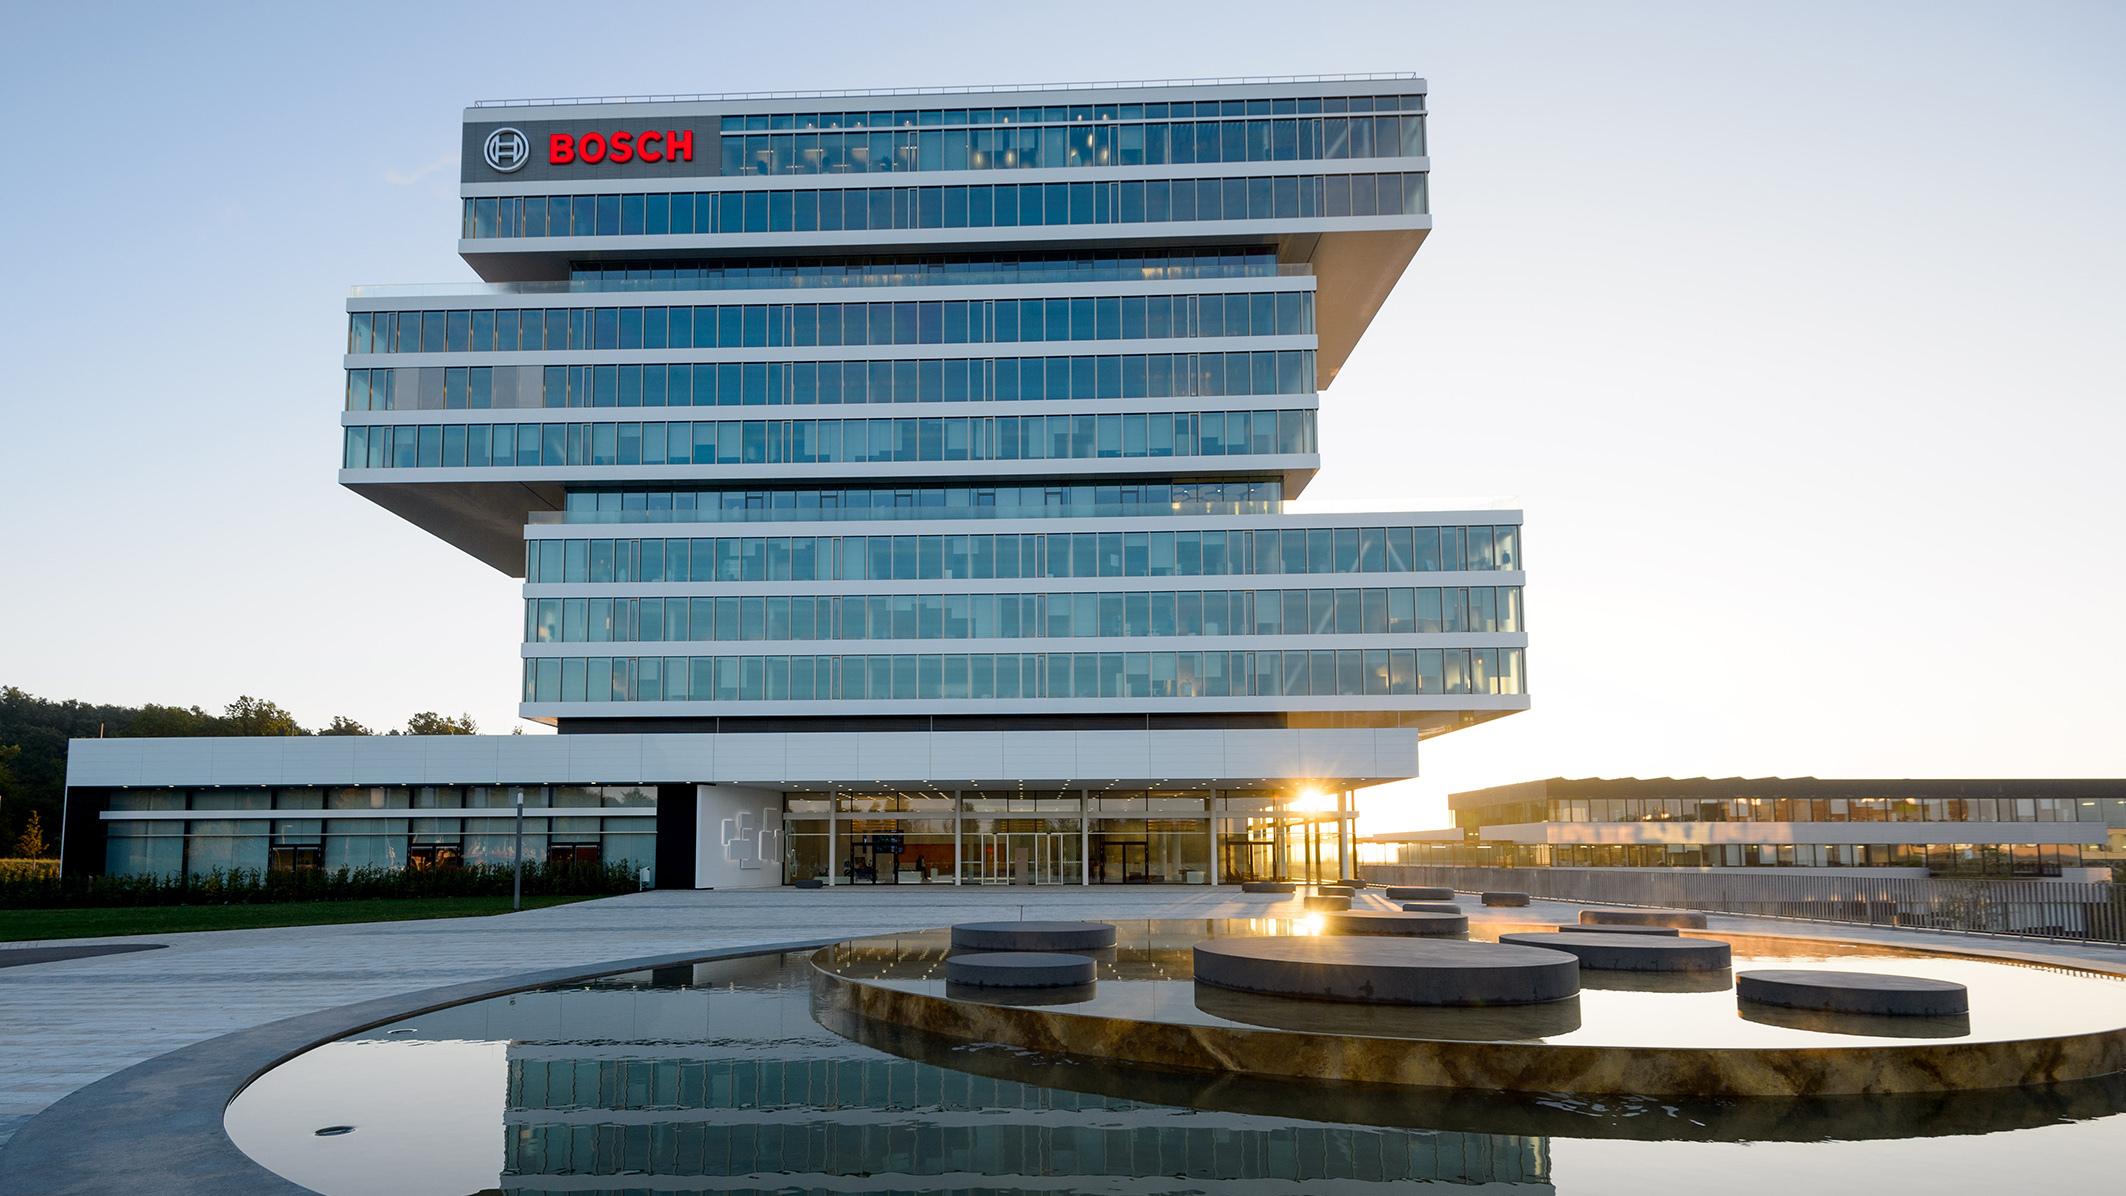 research campus Bosch renningen